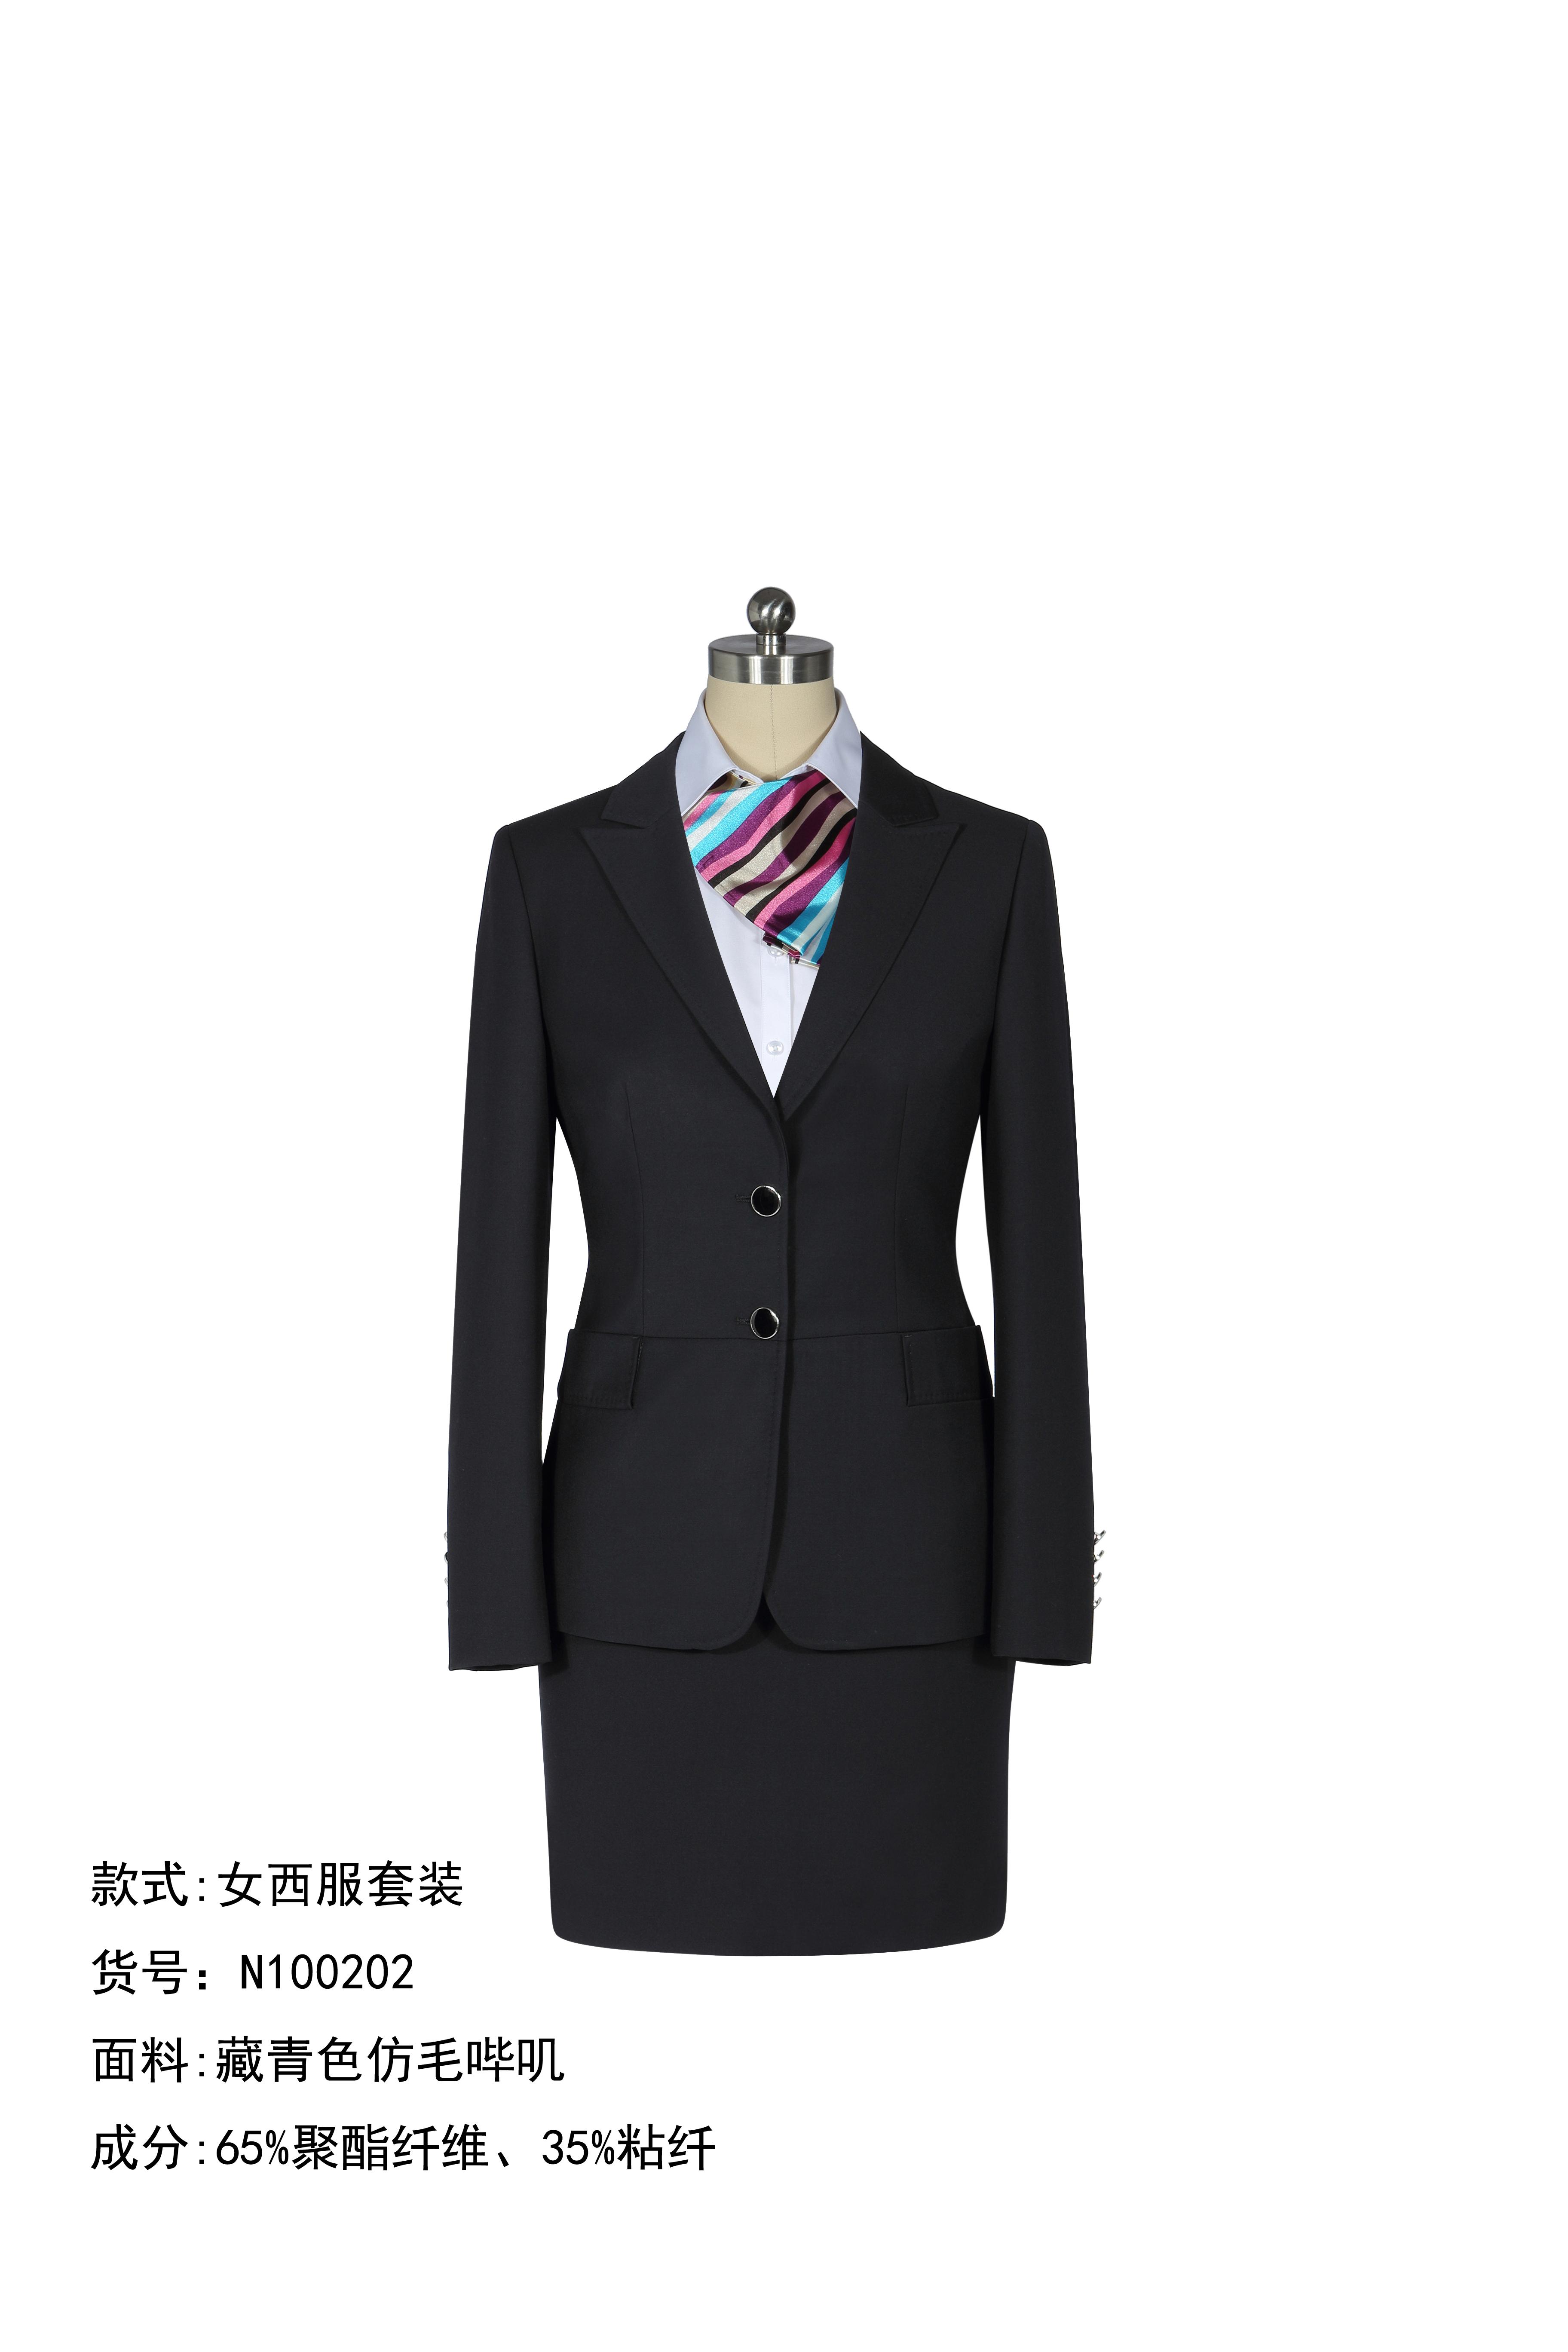 女西服套装N100202